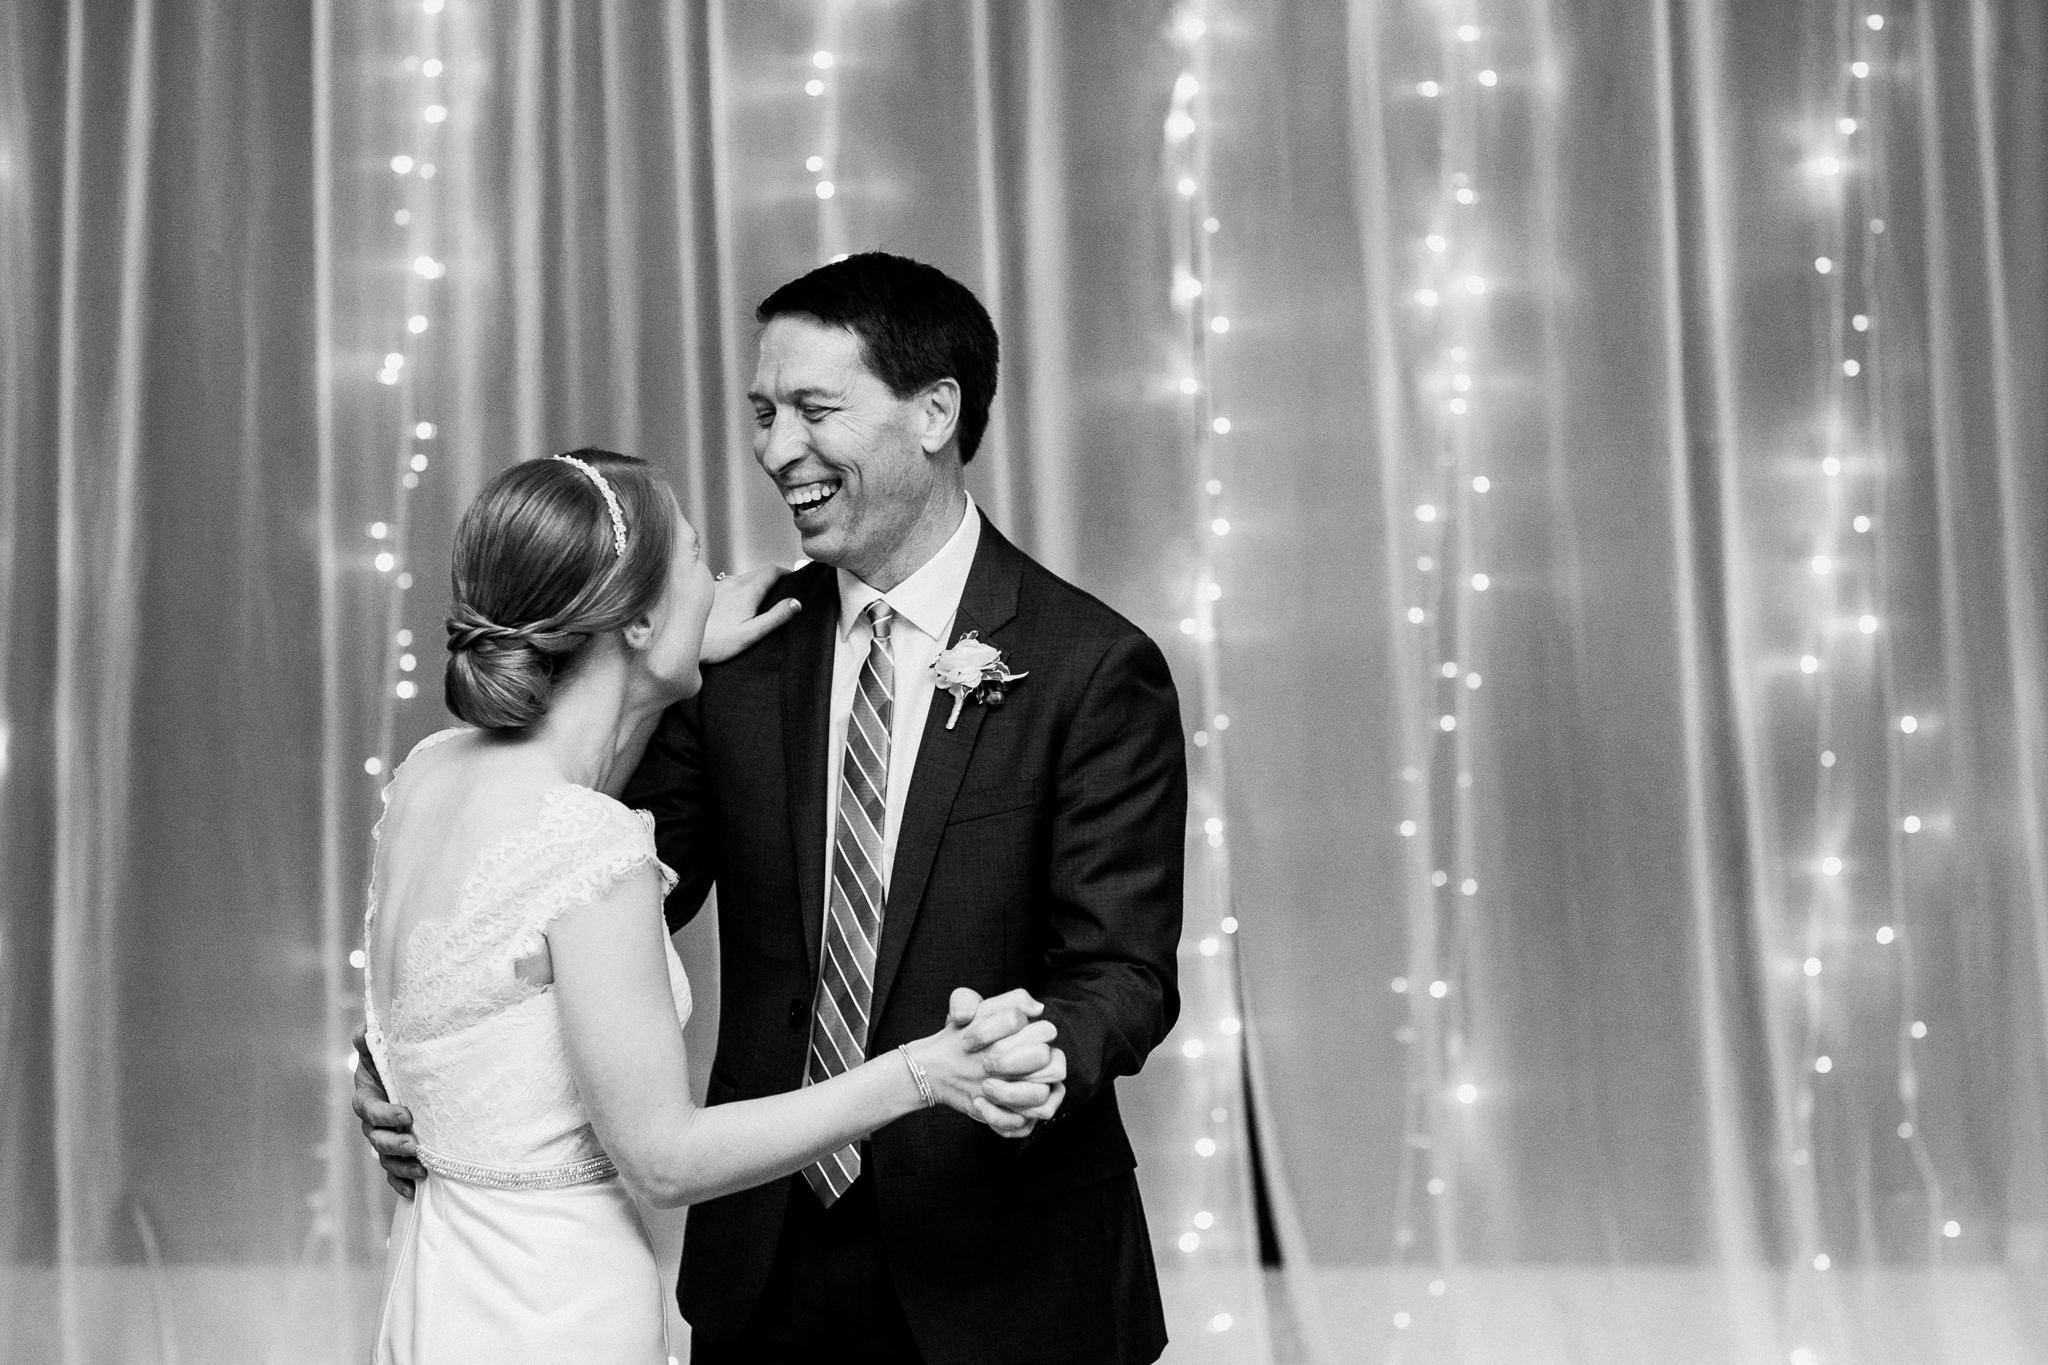 noahs_event_venue_naperville_IL_wedding_photographer_0065.jpg